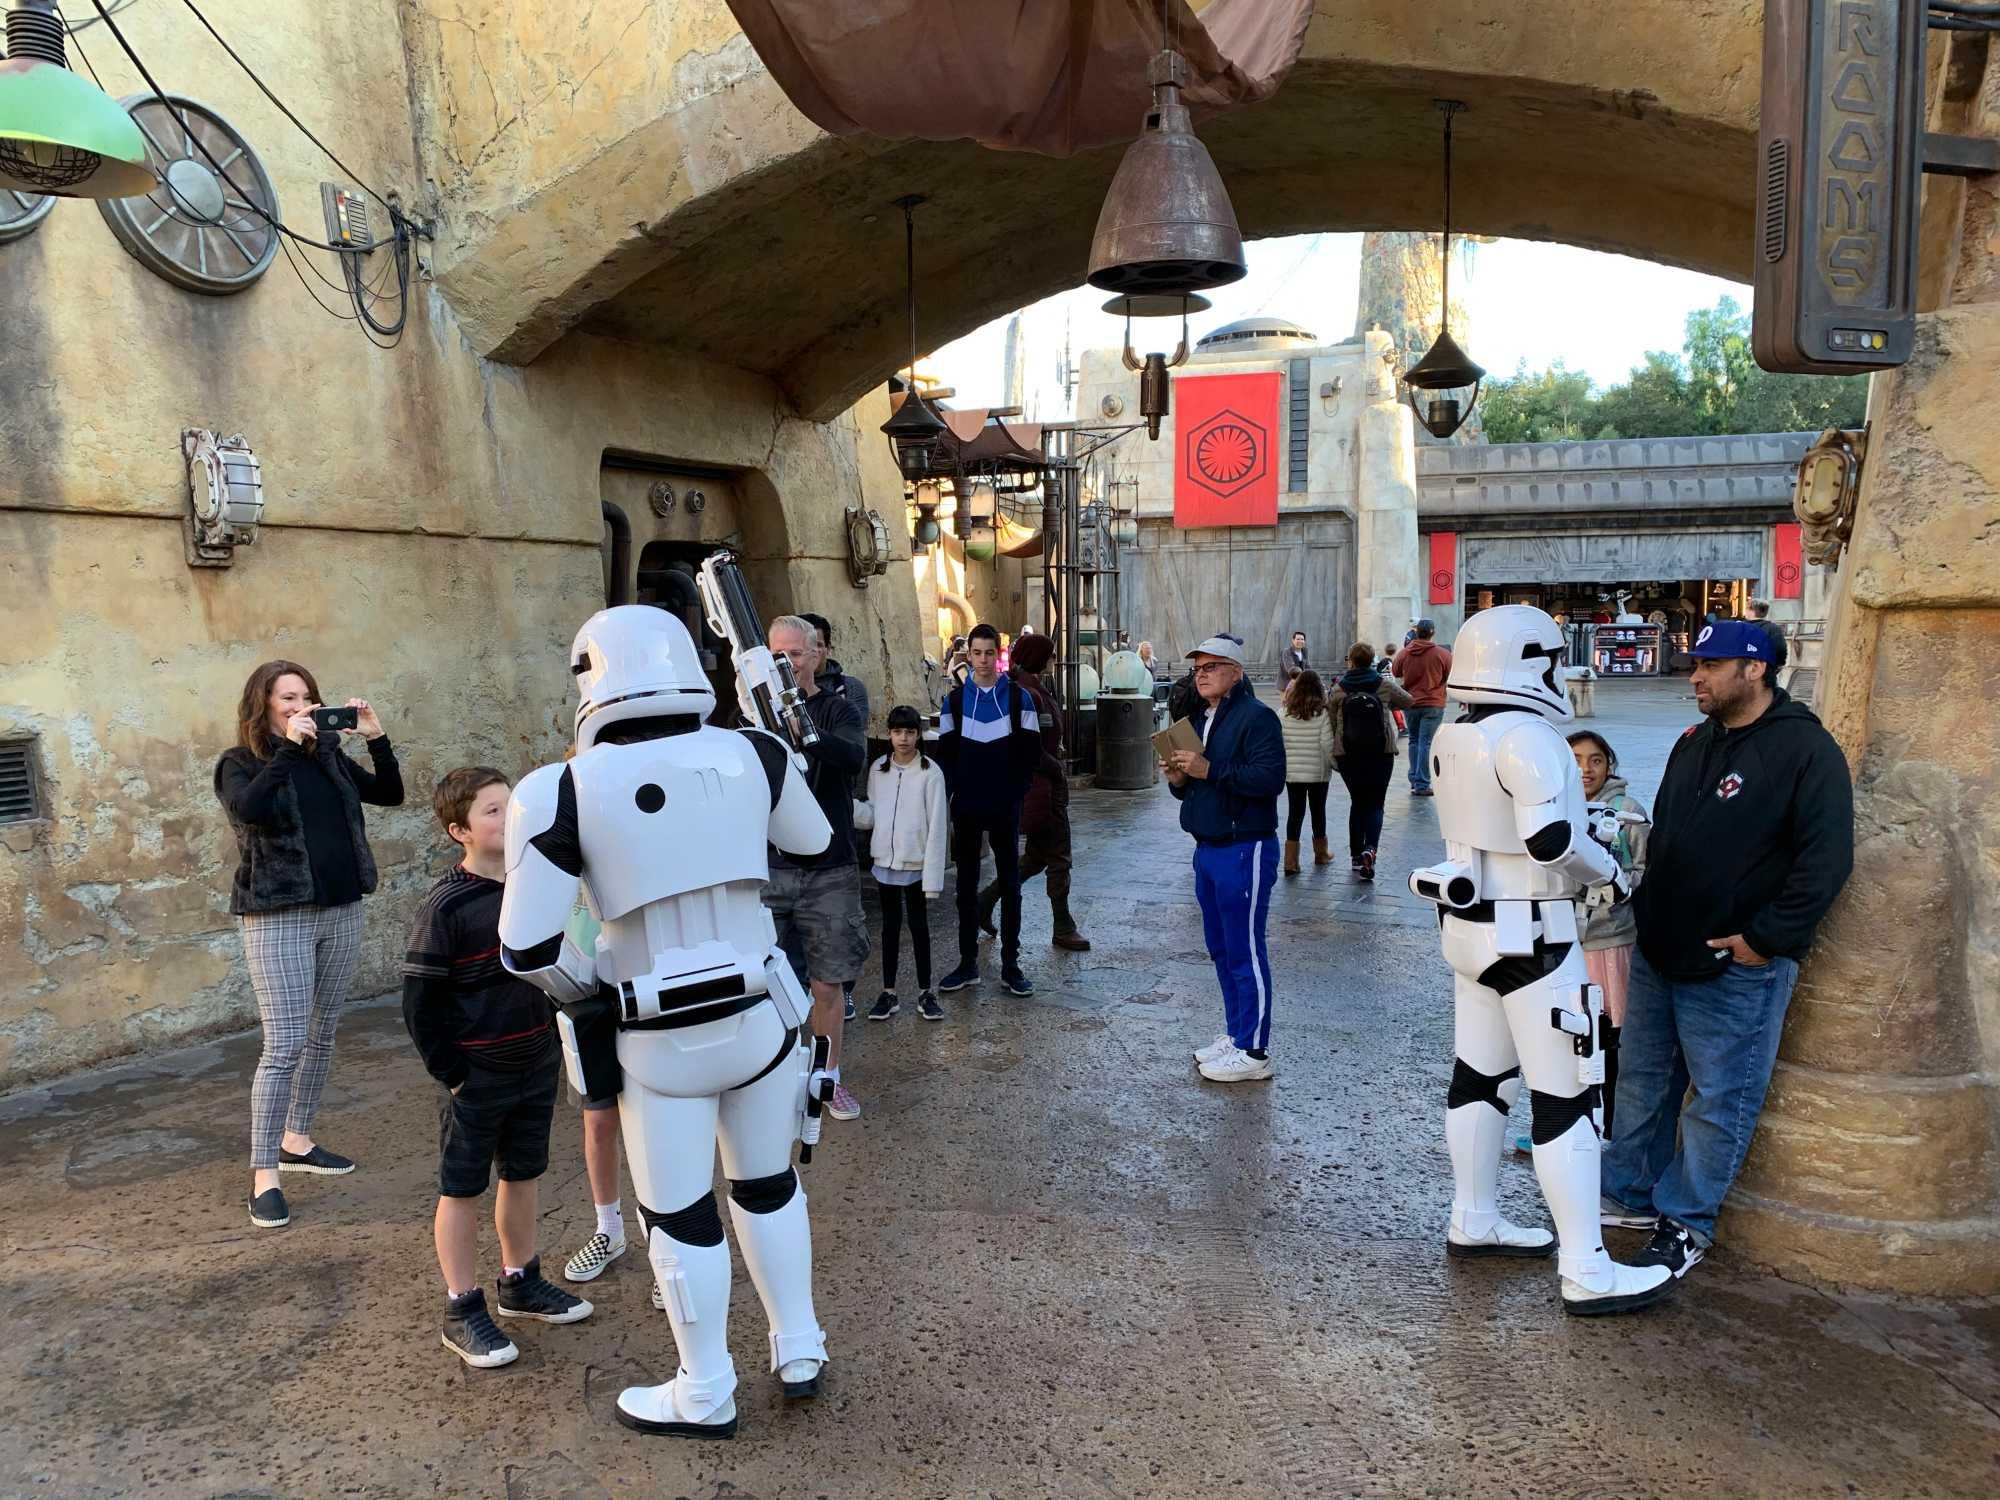 Sturmtruppler ver-h?ren Besucher im neuen Star-Wars--Bereich von Disneyland. H?rt man ihnen l?nger zu, bemerkt man, dass die Akteure vorproduzierte Sprachaufnahmen abspielen, damit die Ansprachen wie im Film klingen.